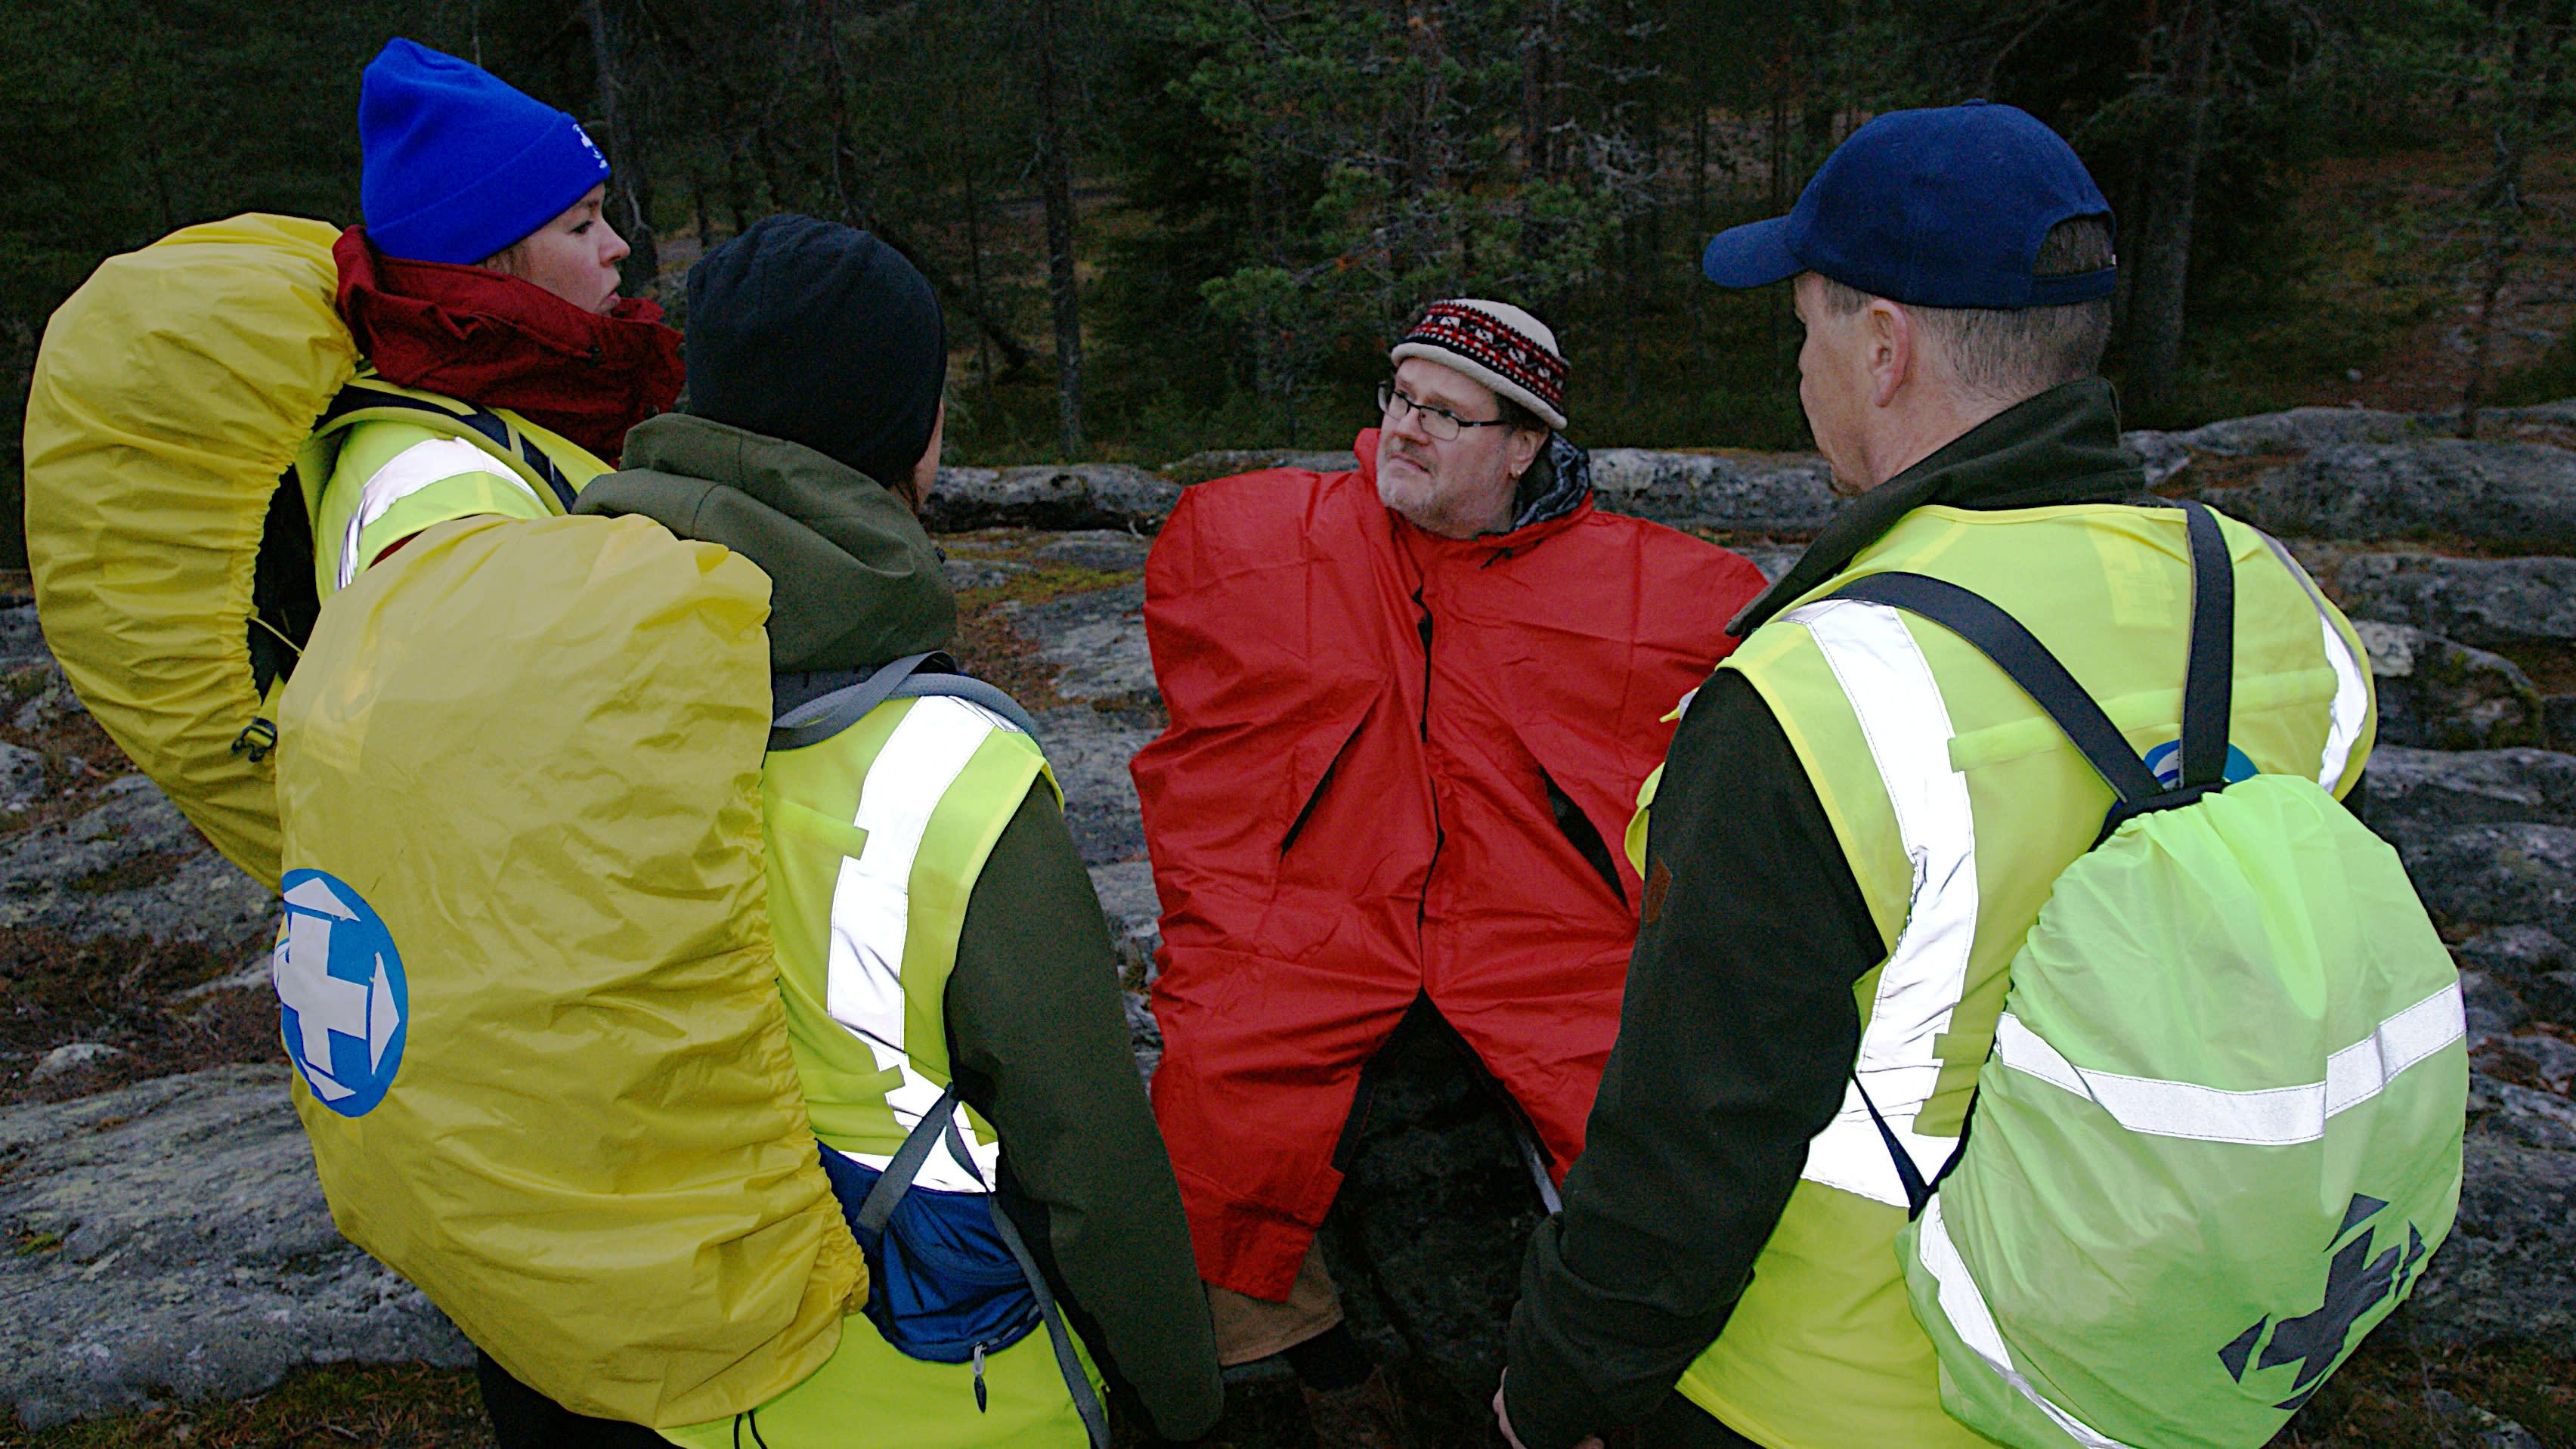 Vapaaehtoisten pelastajien työt ovat lisääntyneet - katso miten etsintä maastossa etenee